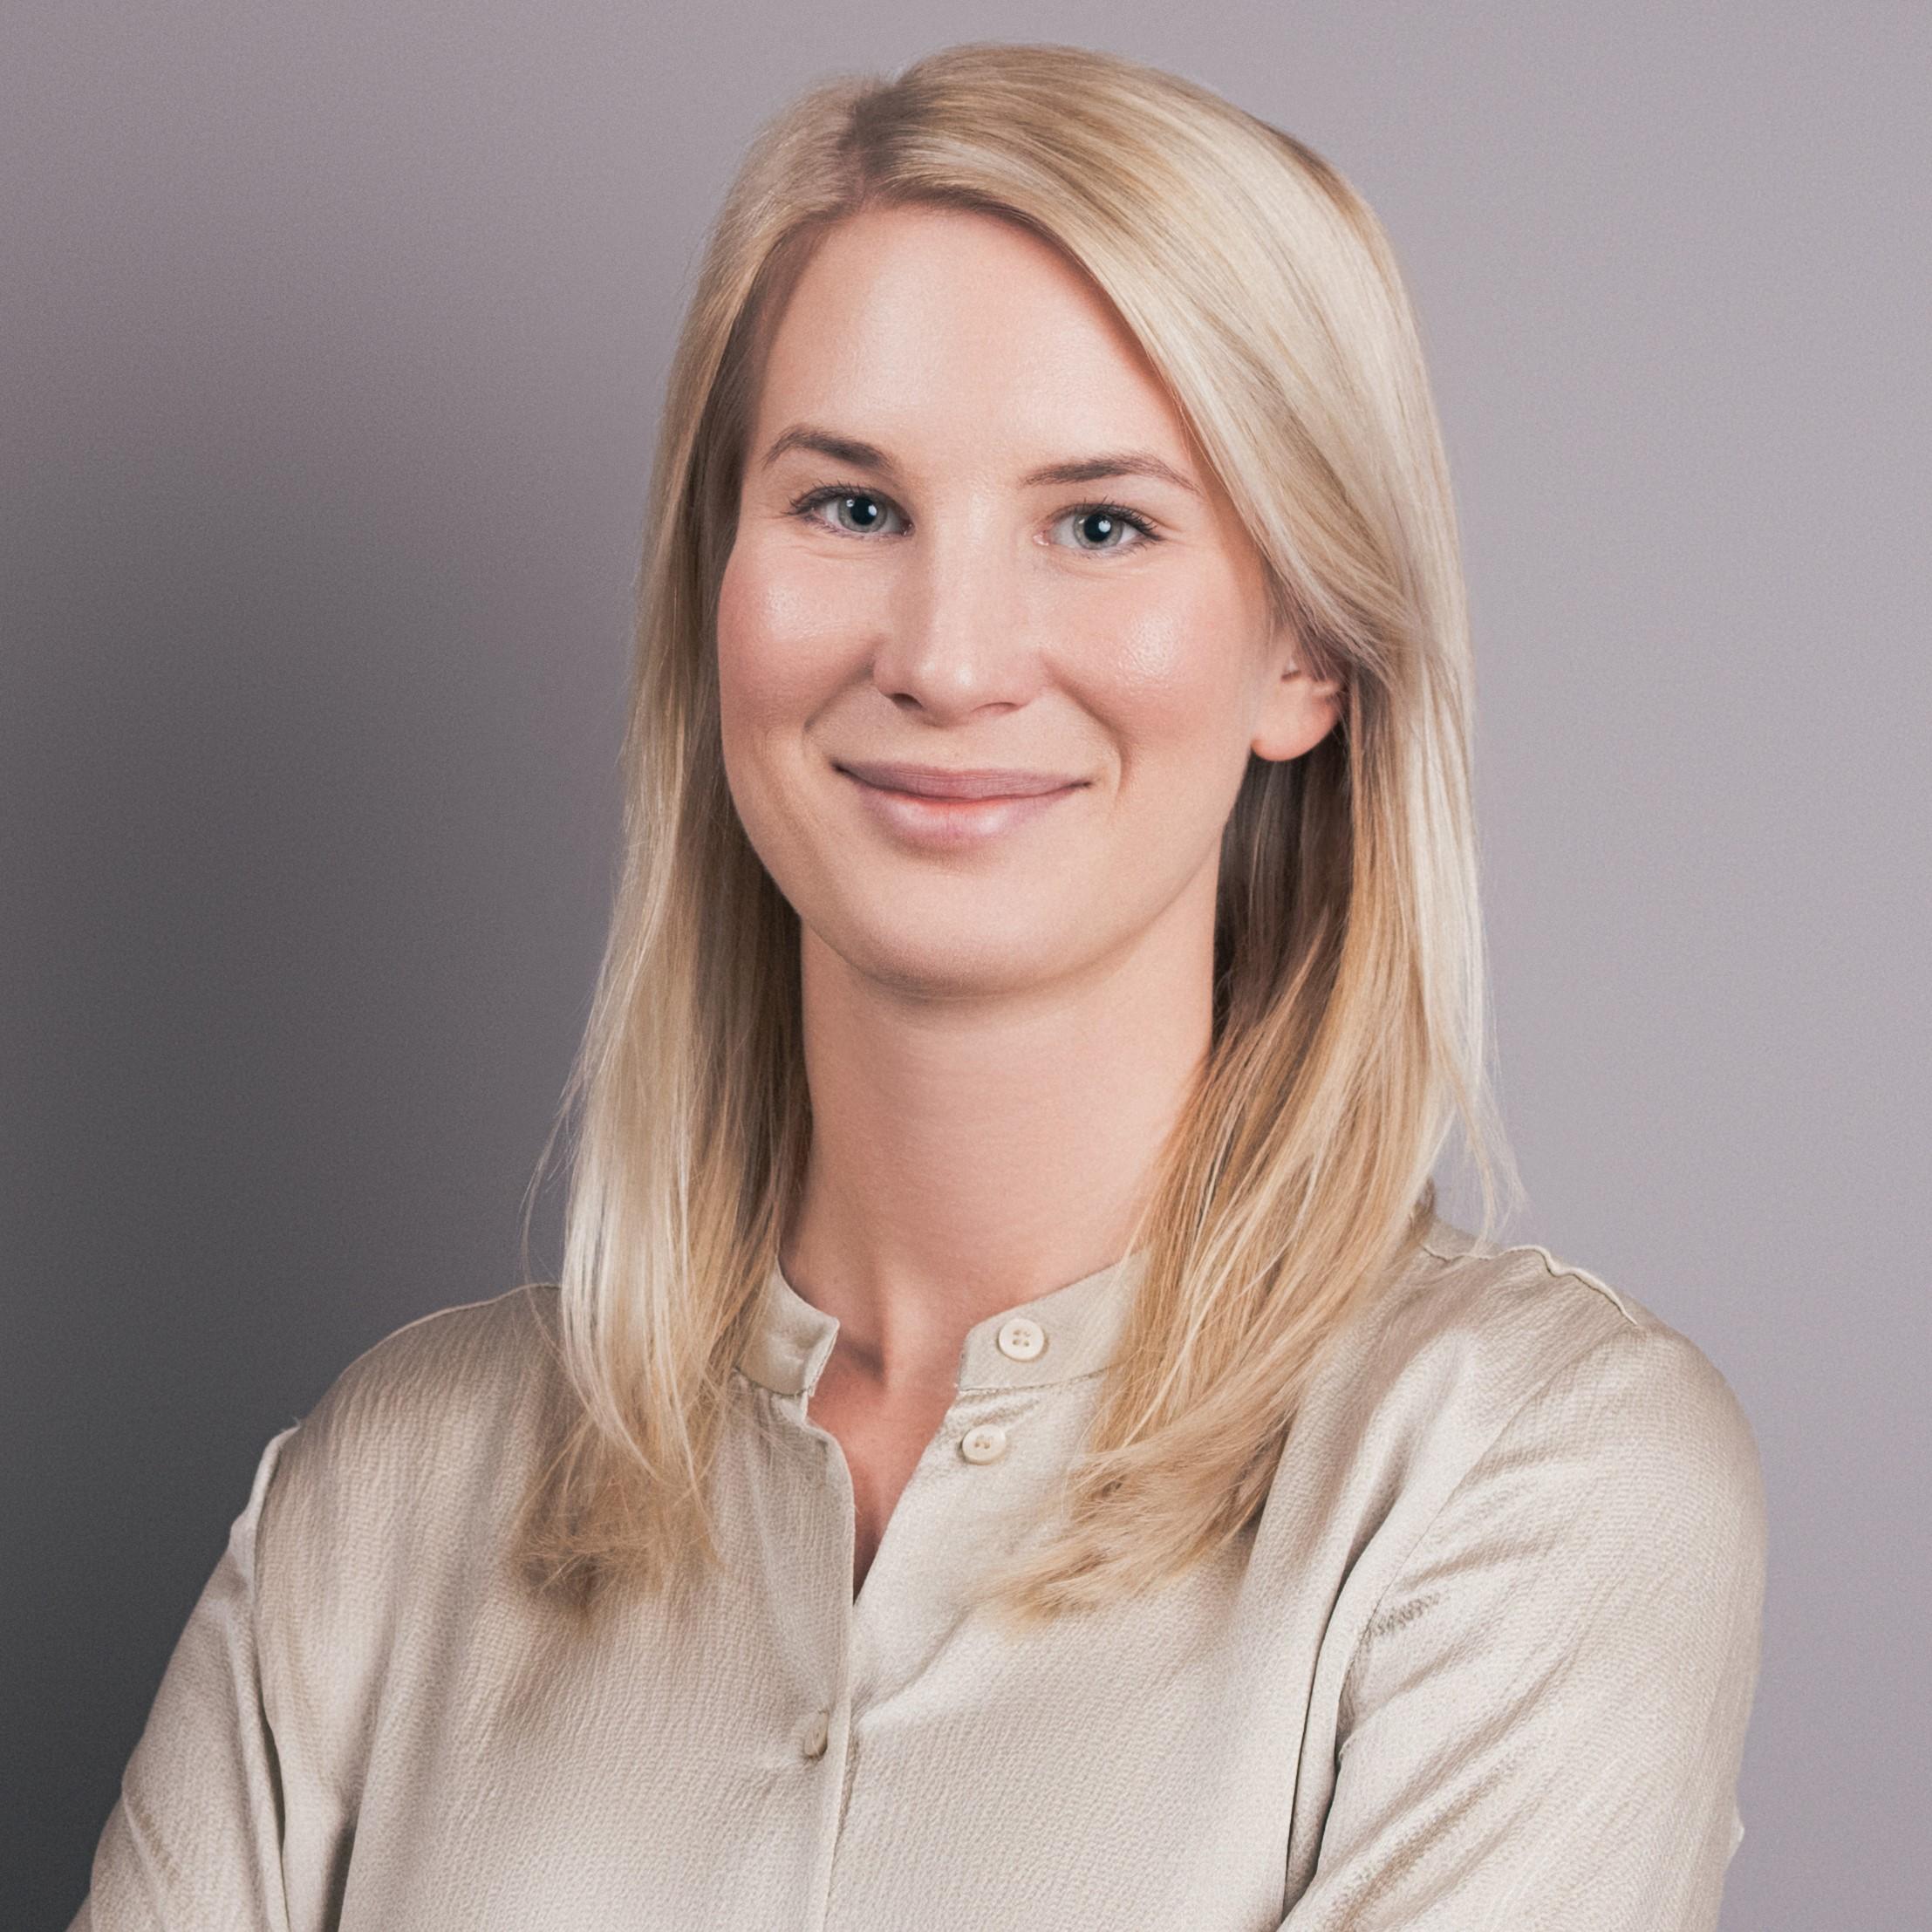 Photo of Karin Kans